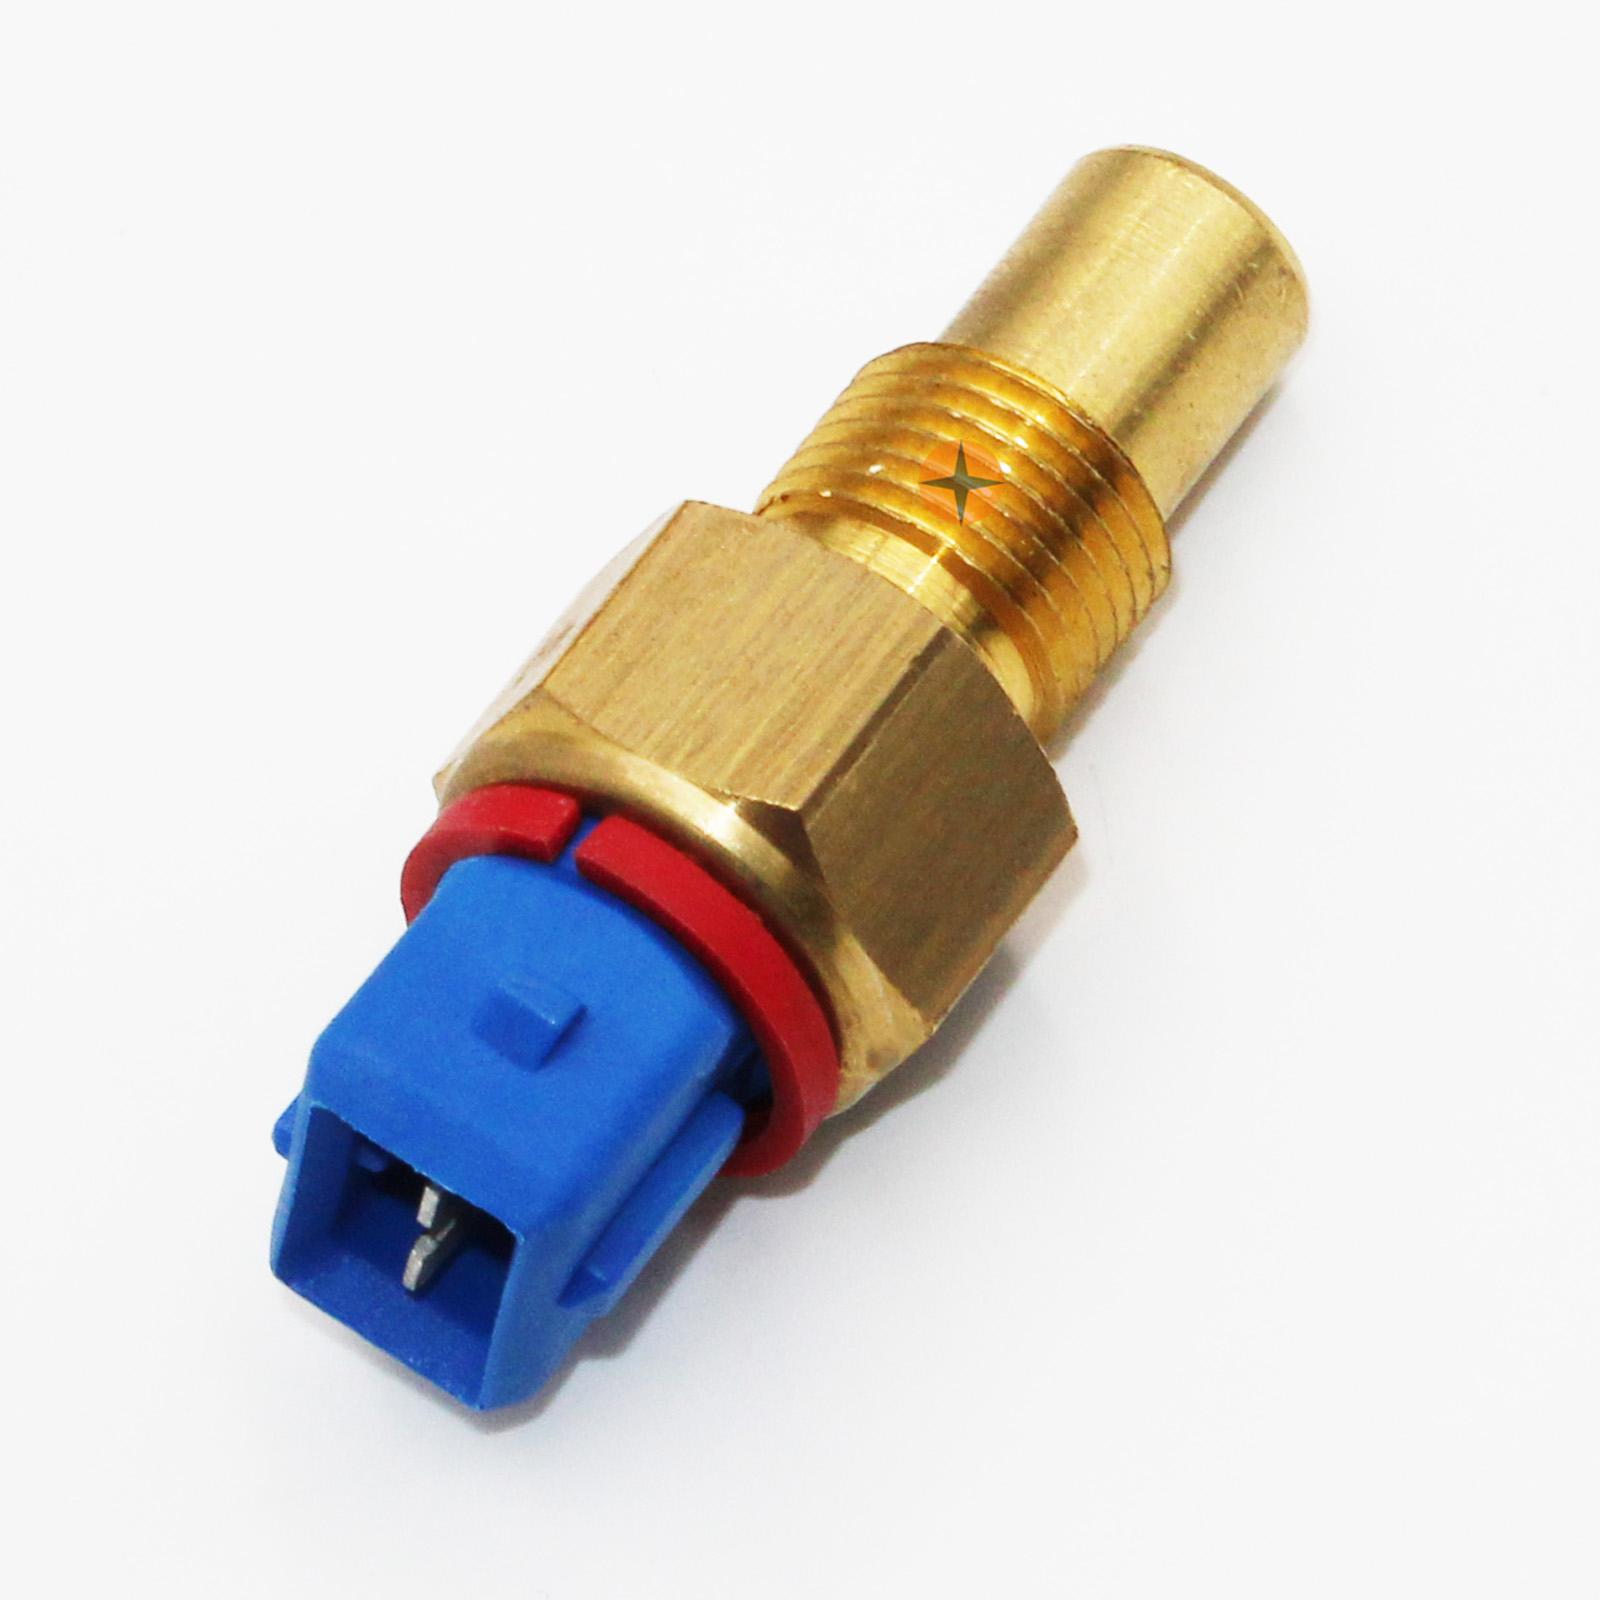 Cct0282 Car Engine Coolant Temperature Sensor Temp Sender Fits Fiat Peugeot